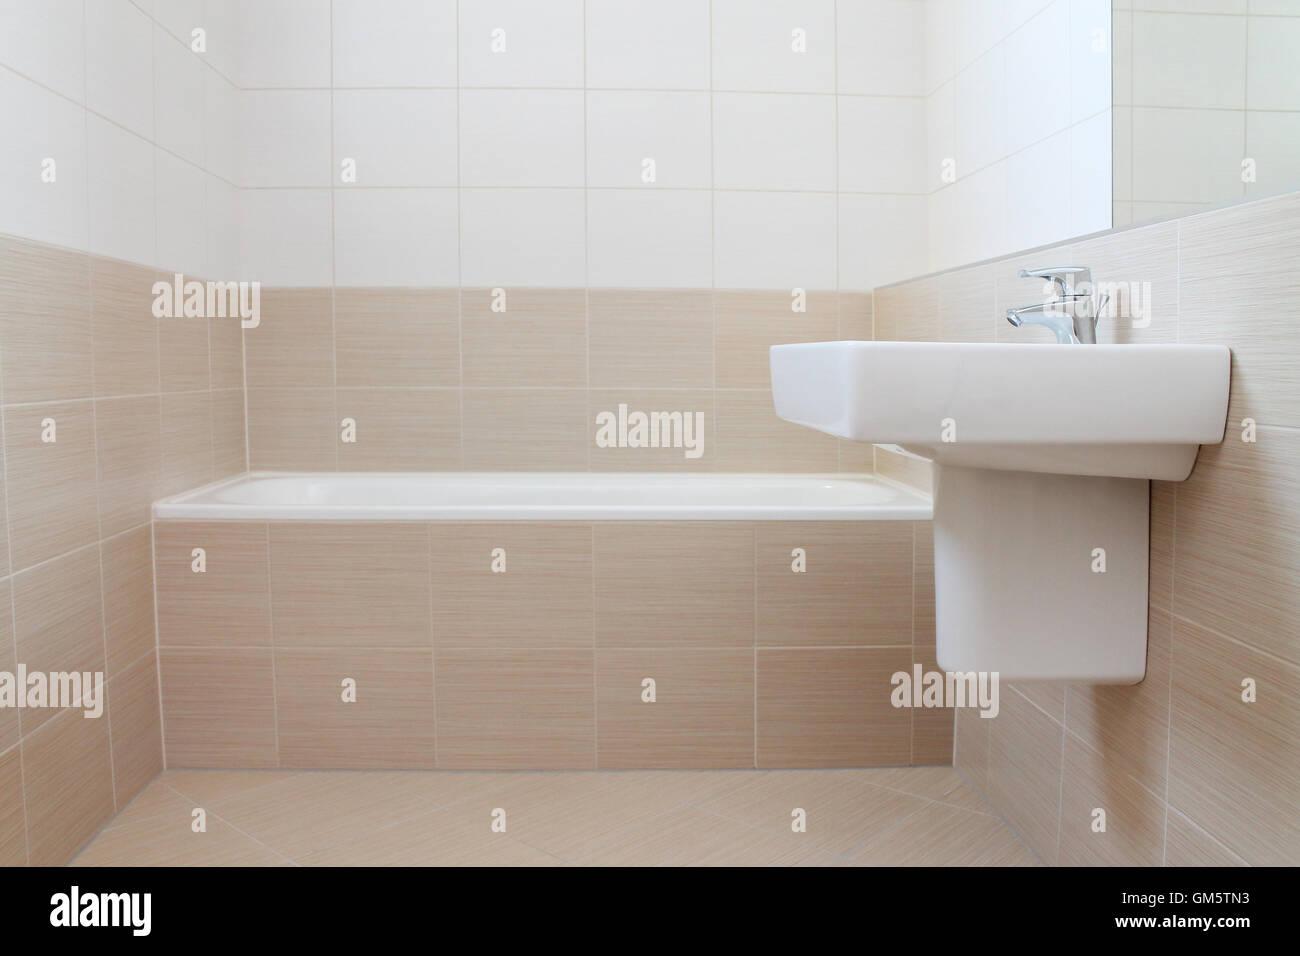 Modernes Bad mit Beige und weißen Fliesen Stockfoto, Bild ...